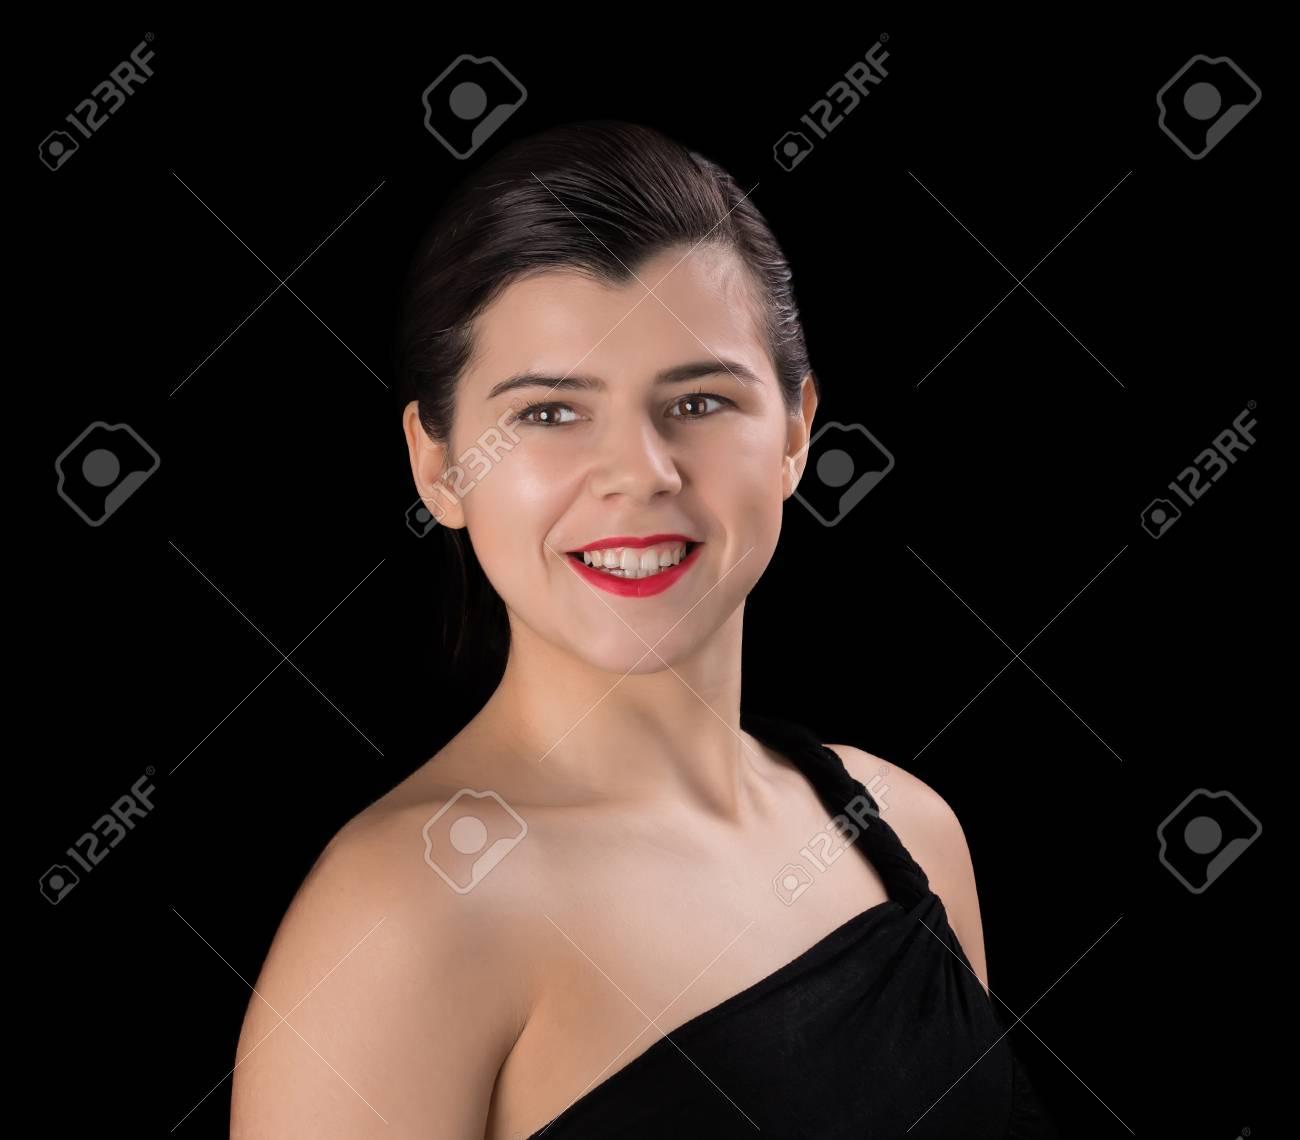 Femme Brune Souriante En Robe Noire Avec Une Coupe Courte Et Une Epaule Nue Isolee Sur Fond Noir Banque D Images Et Photos Libres De Droits Image 50768359